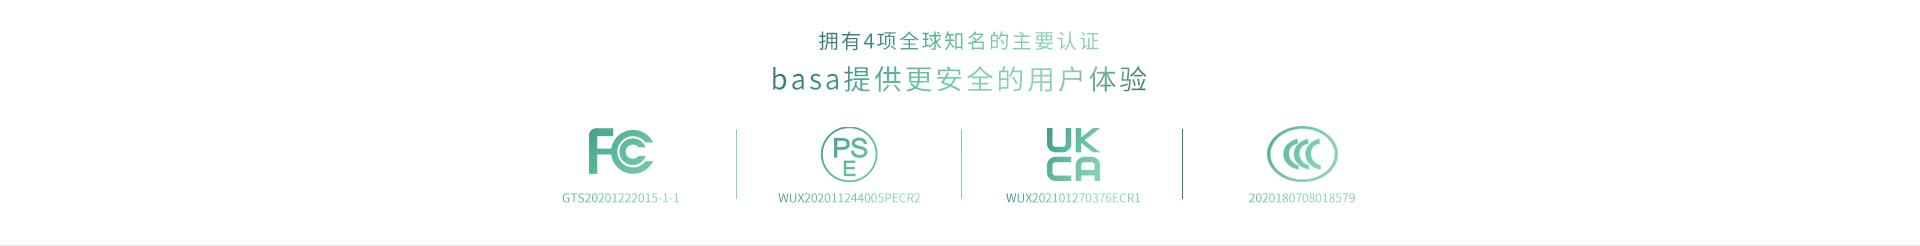 国内网站中文_03